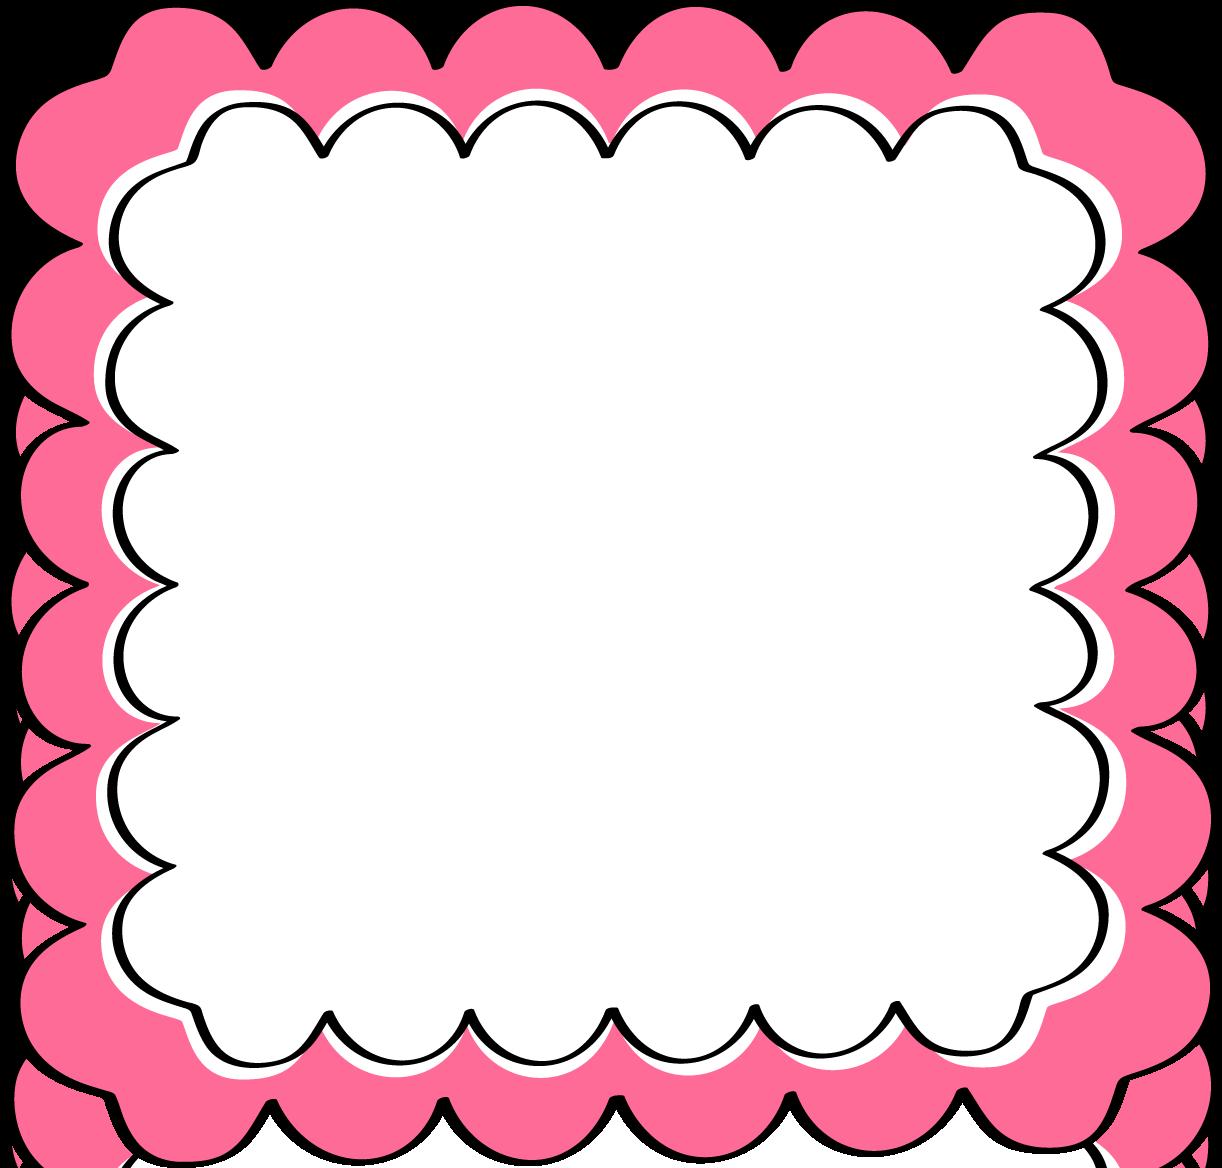 Pink And Black Frames